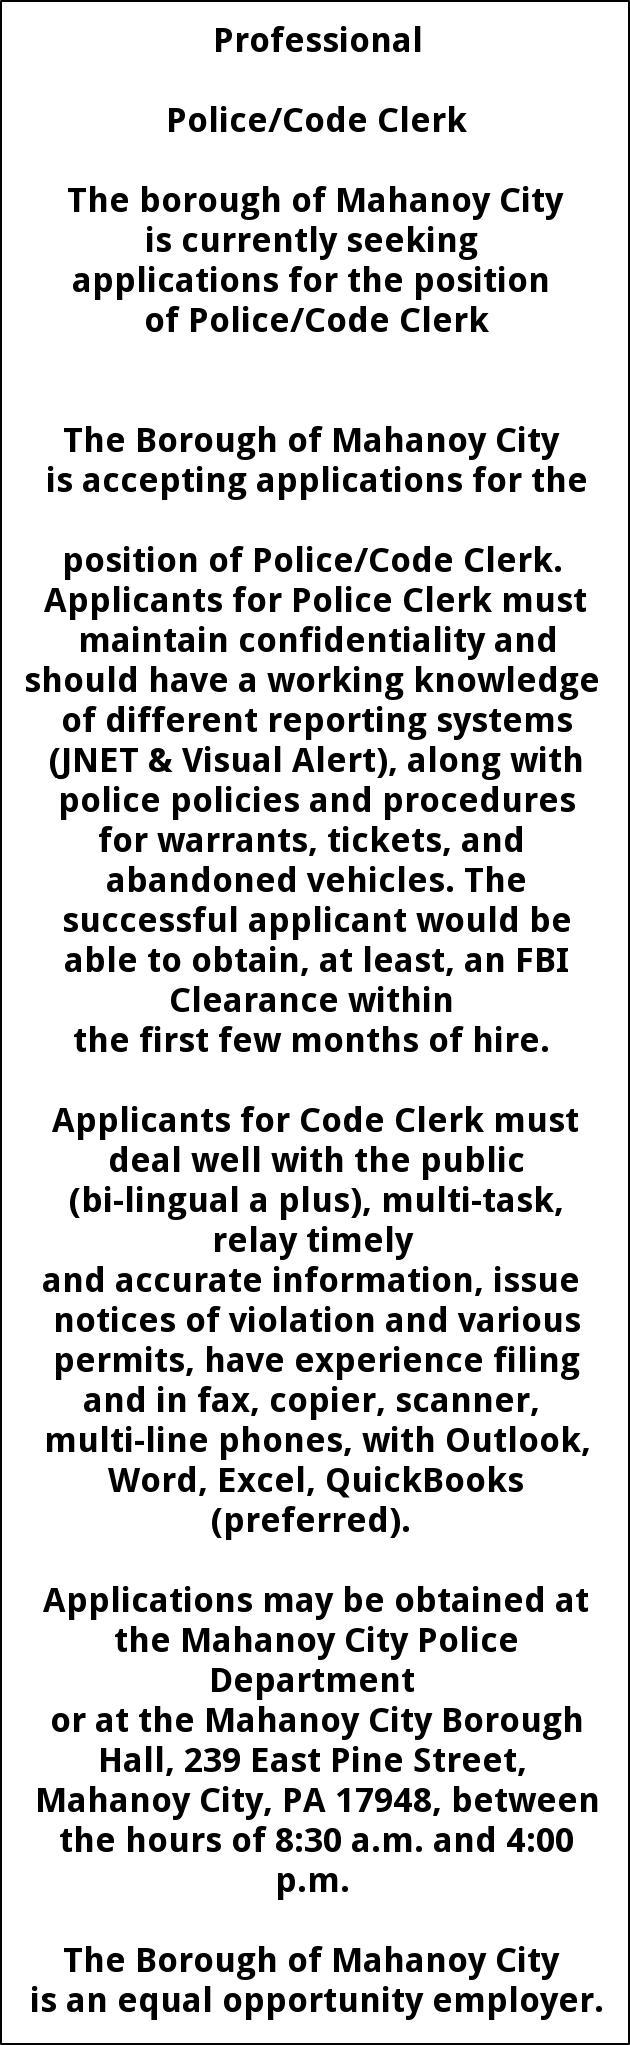 Police/Code Clerk